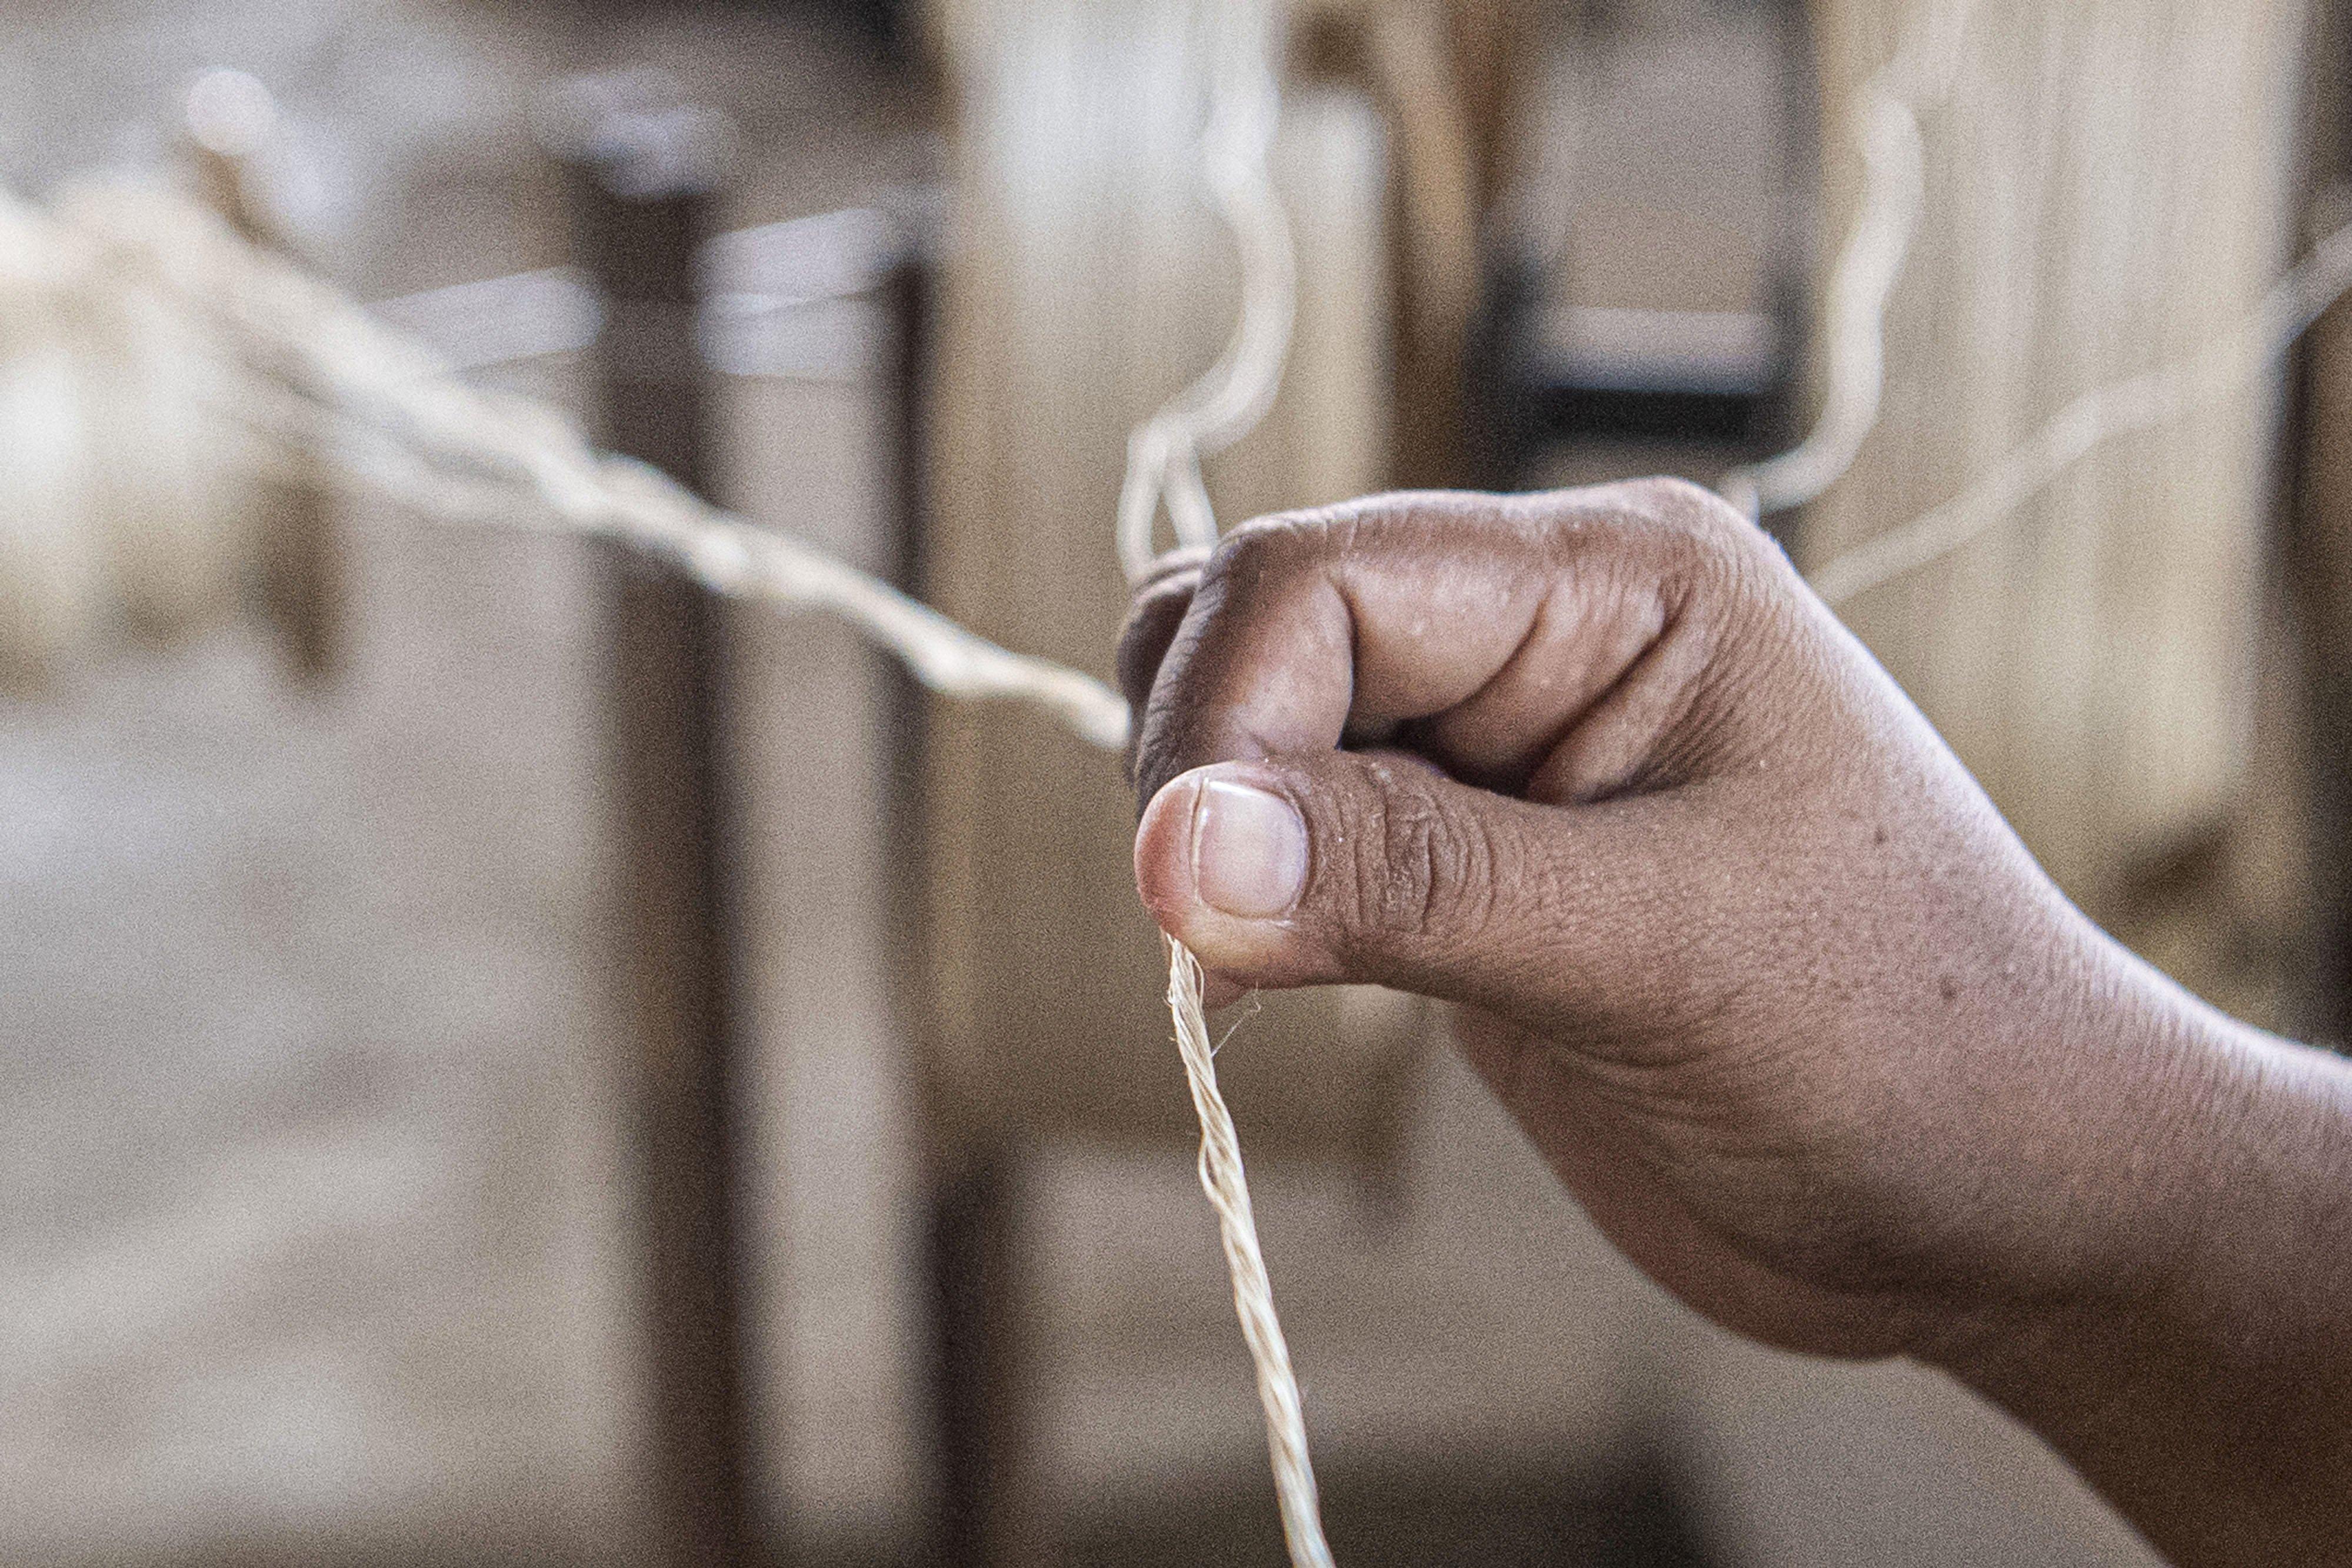 Pekerja memintal serat pohon pisang (abaca fiber) menjadi benang di bengkel anyam Djunaedi.